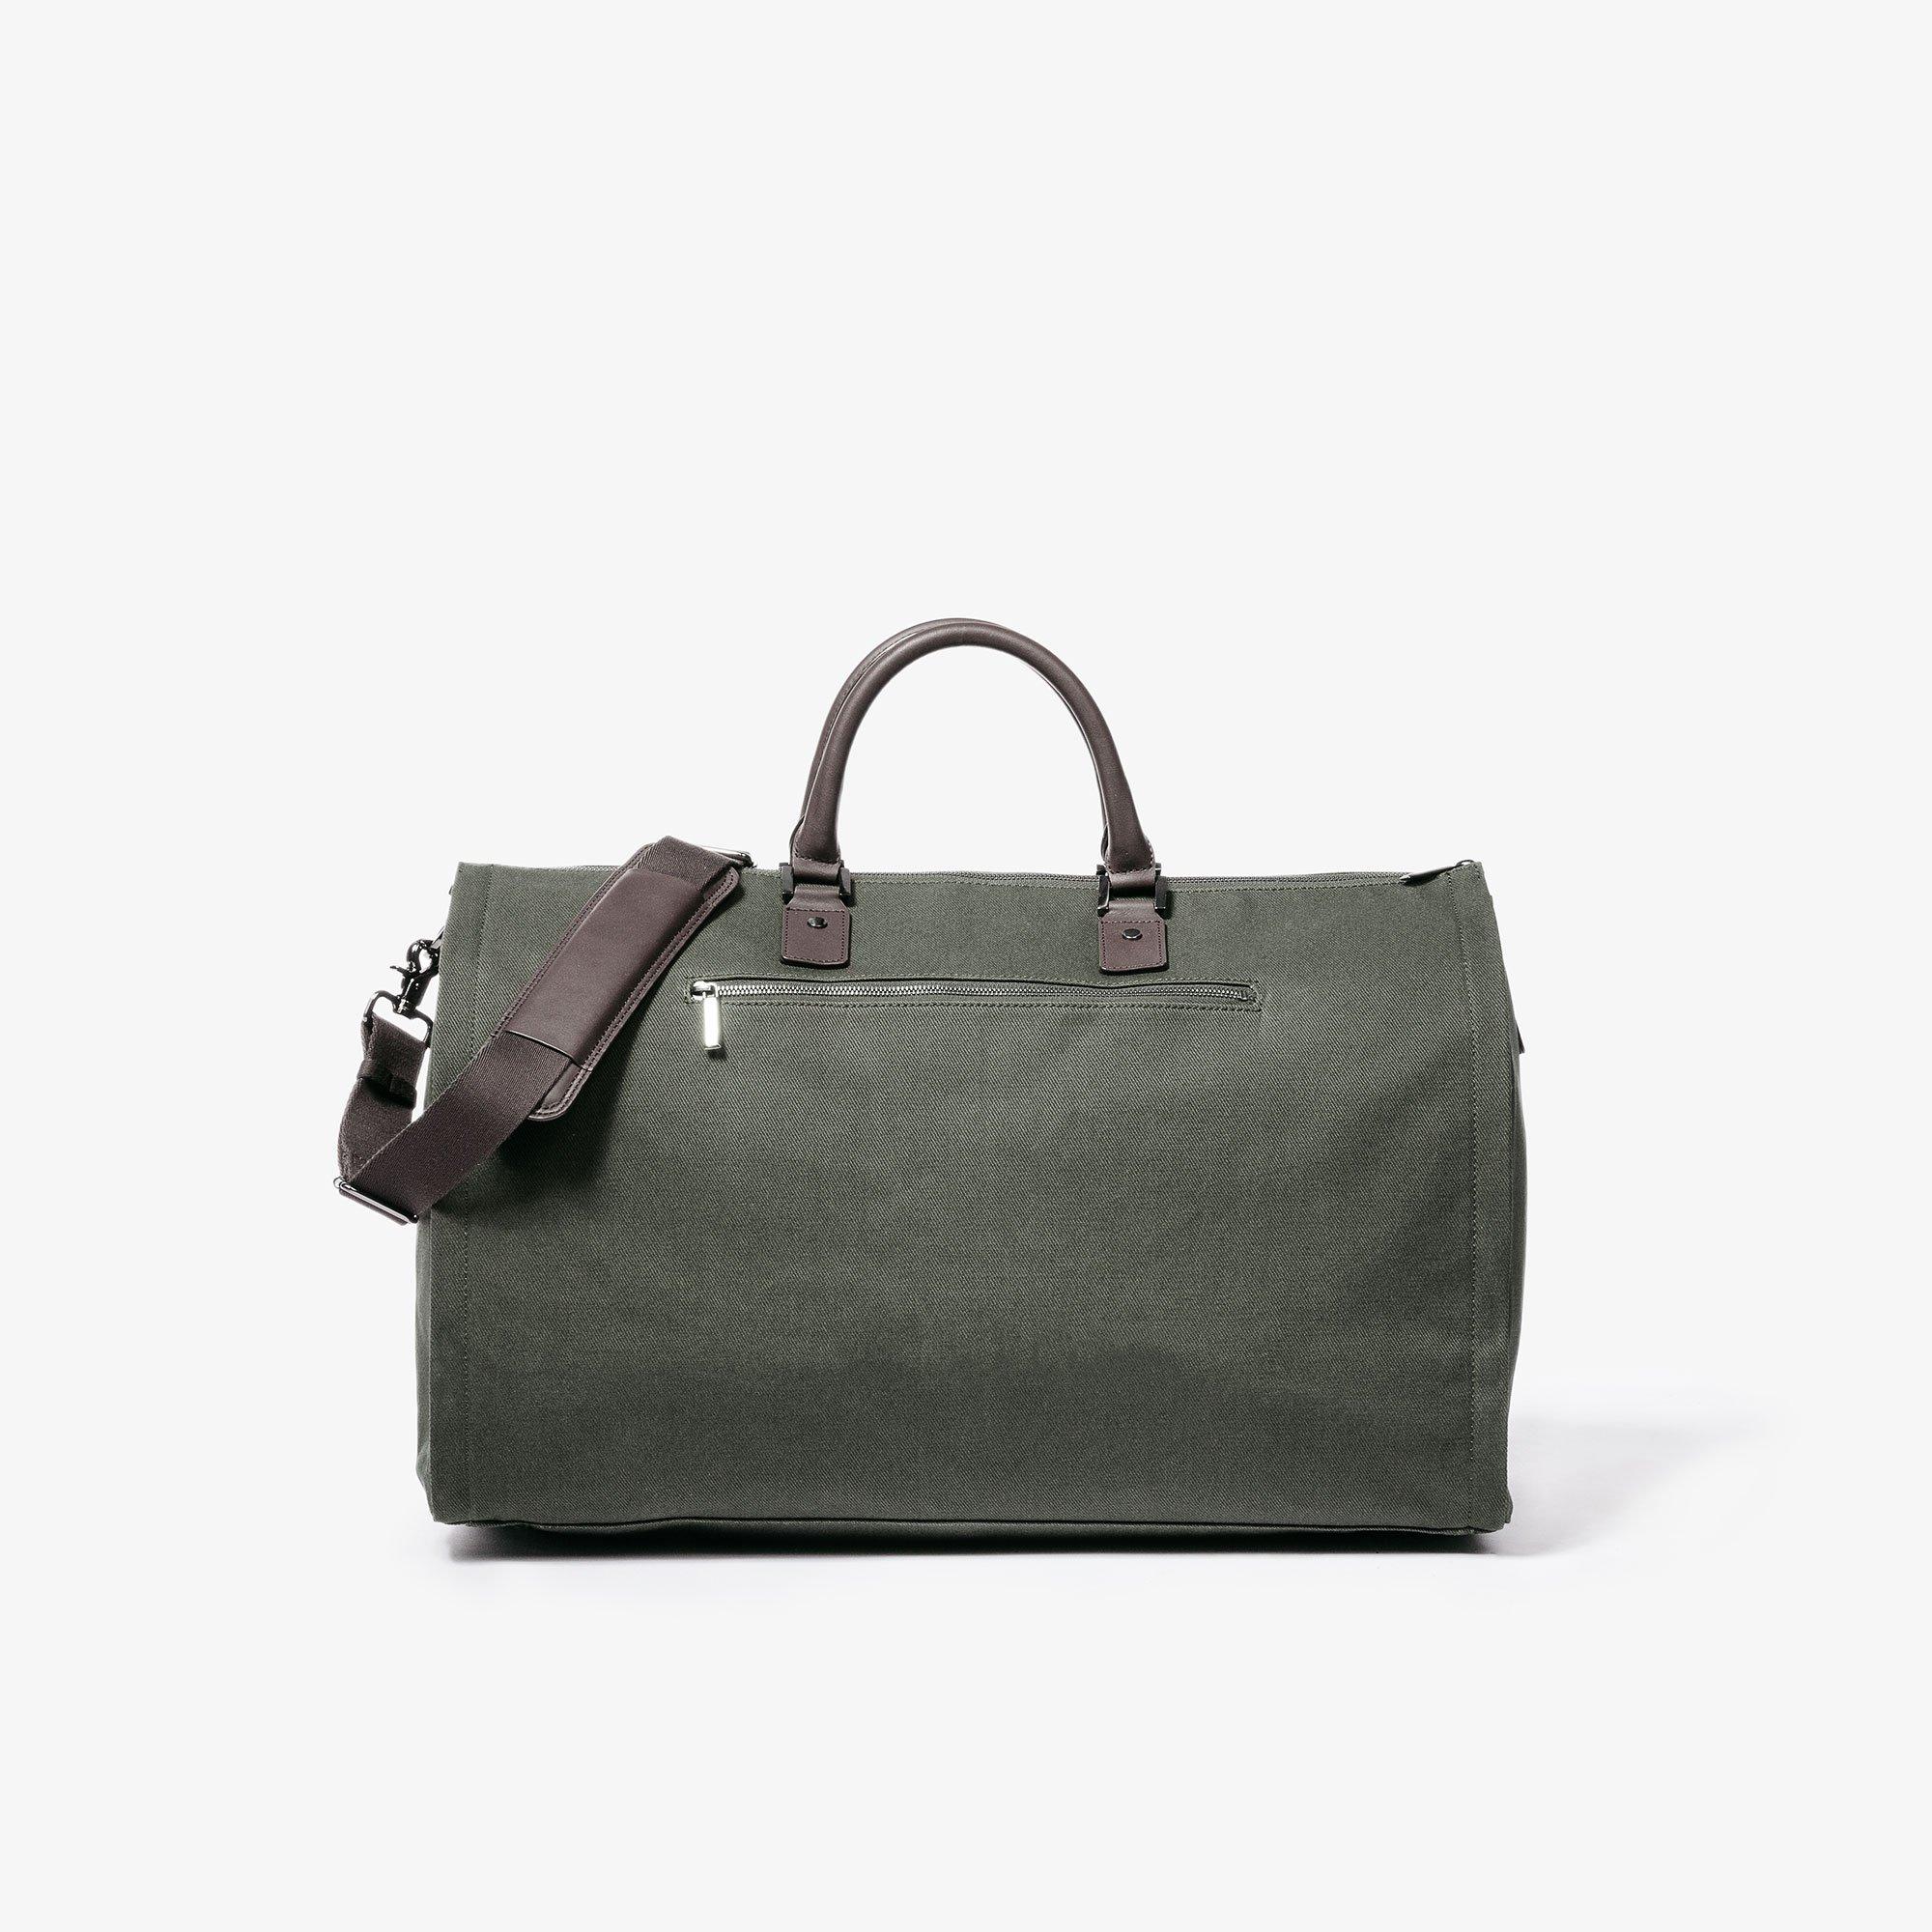 Hook & Albert Garment Weekender Bag (Olive) by HOOK & ALBERT (Image #5)